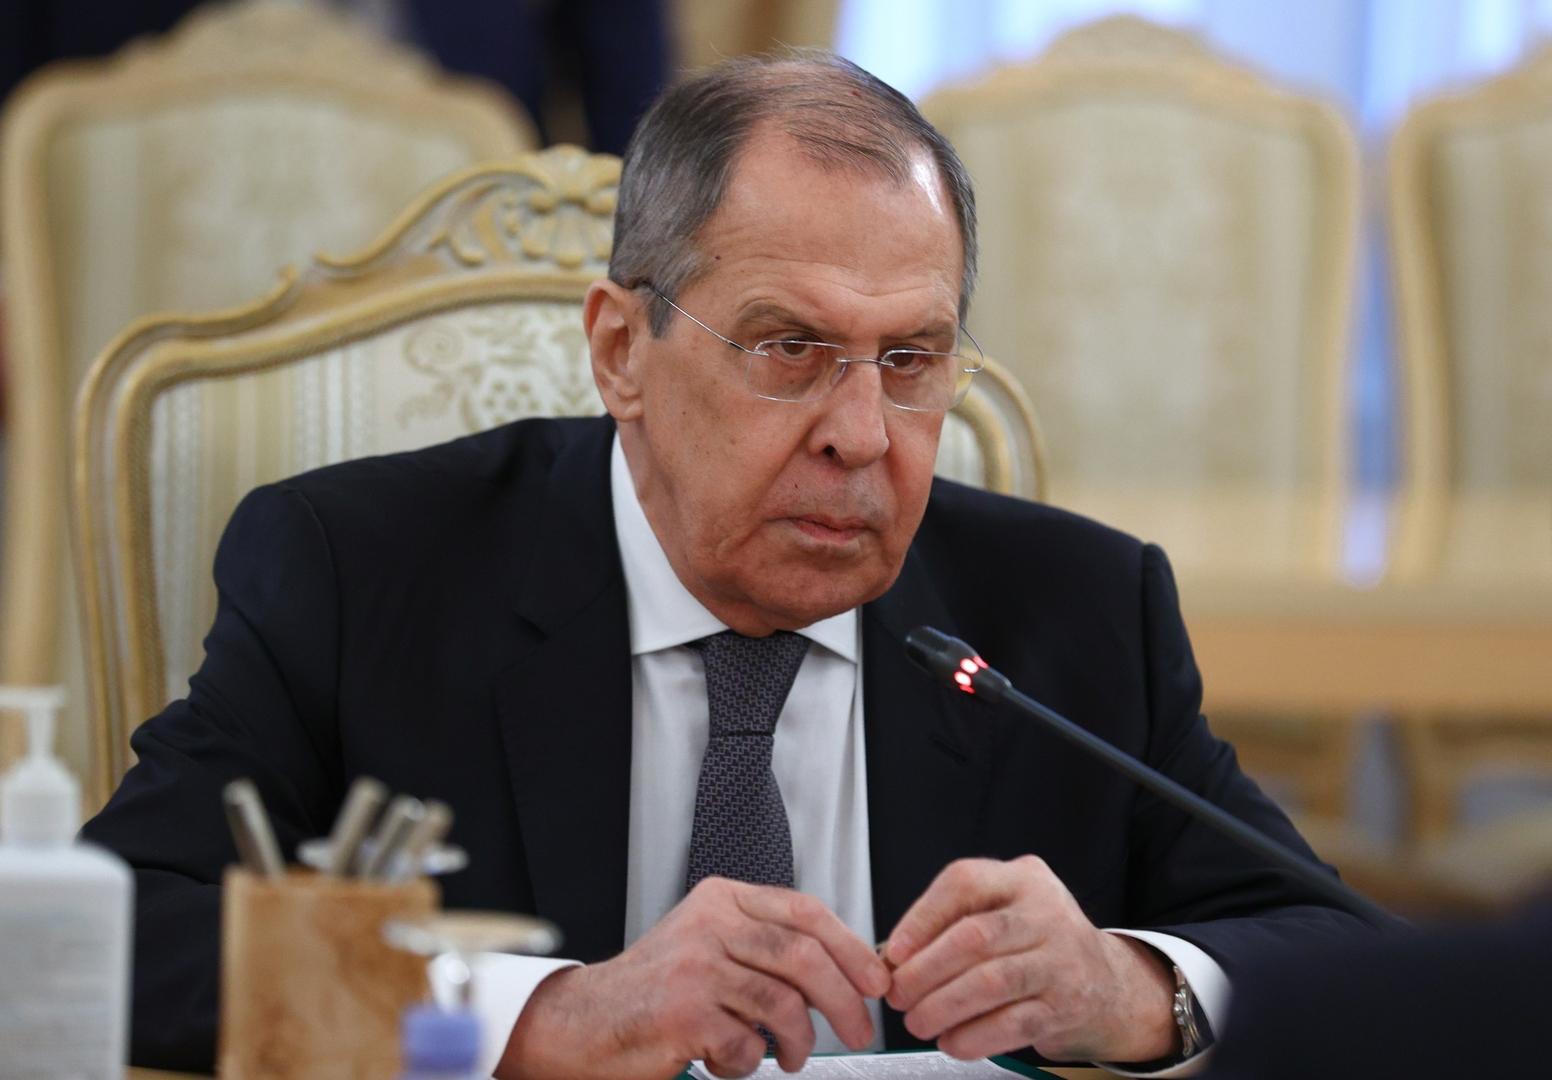 لافروف يؤكد للمنفي ودبيبة استعداد روسيا للعمل مع حكومة ليبيا الجديدة